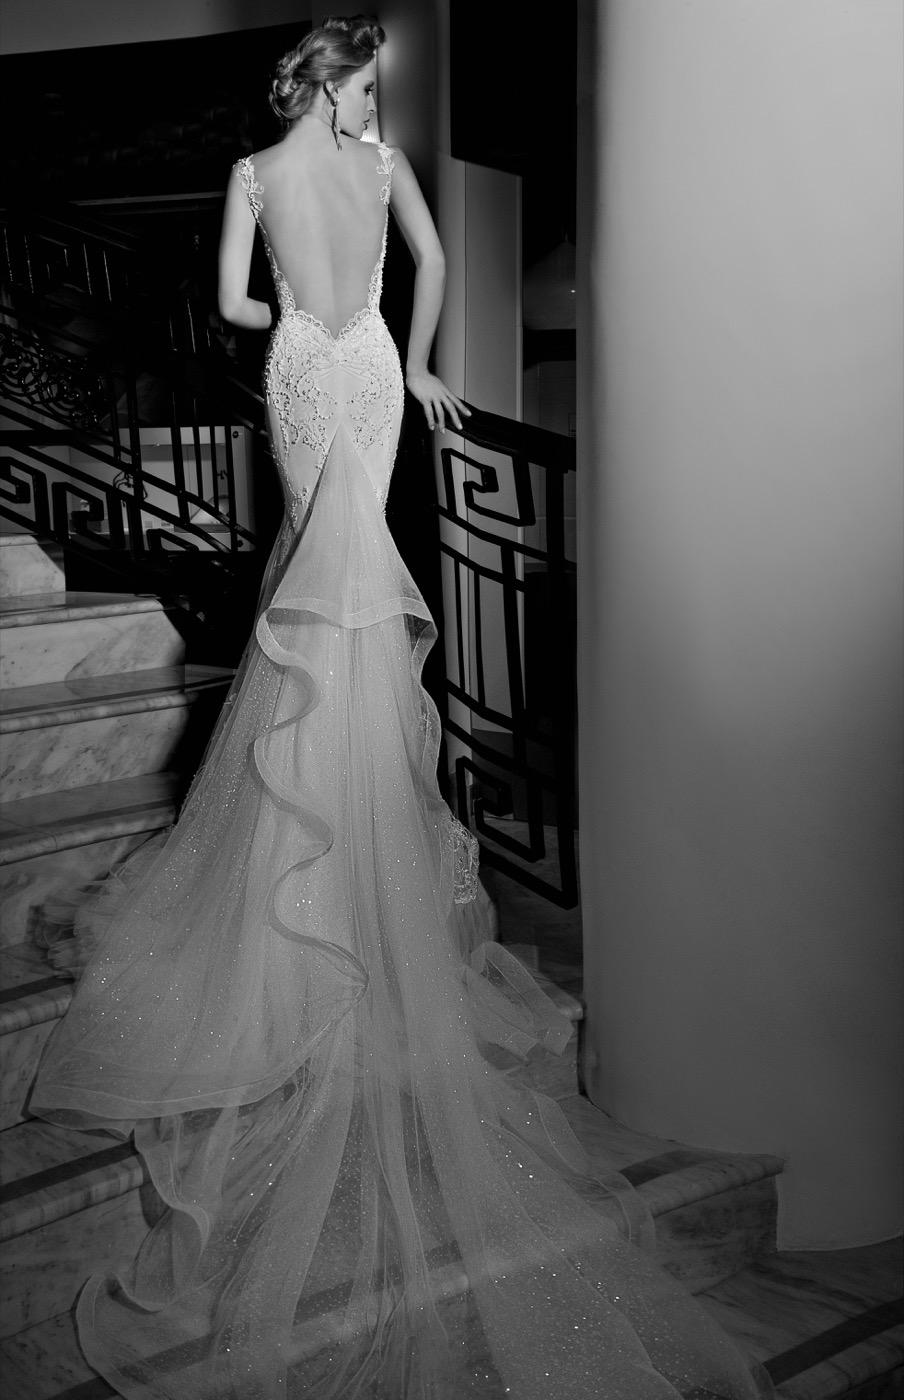 Una cola rizada para un vestido de lo más sensual